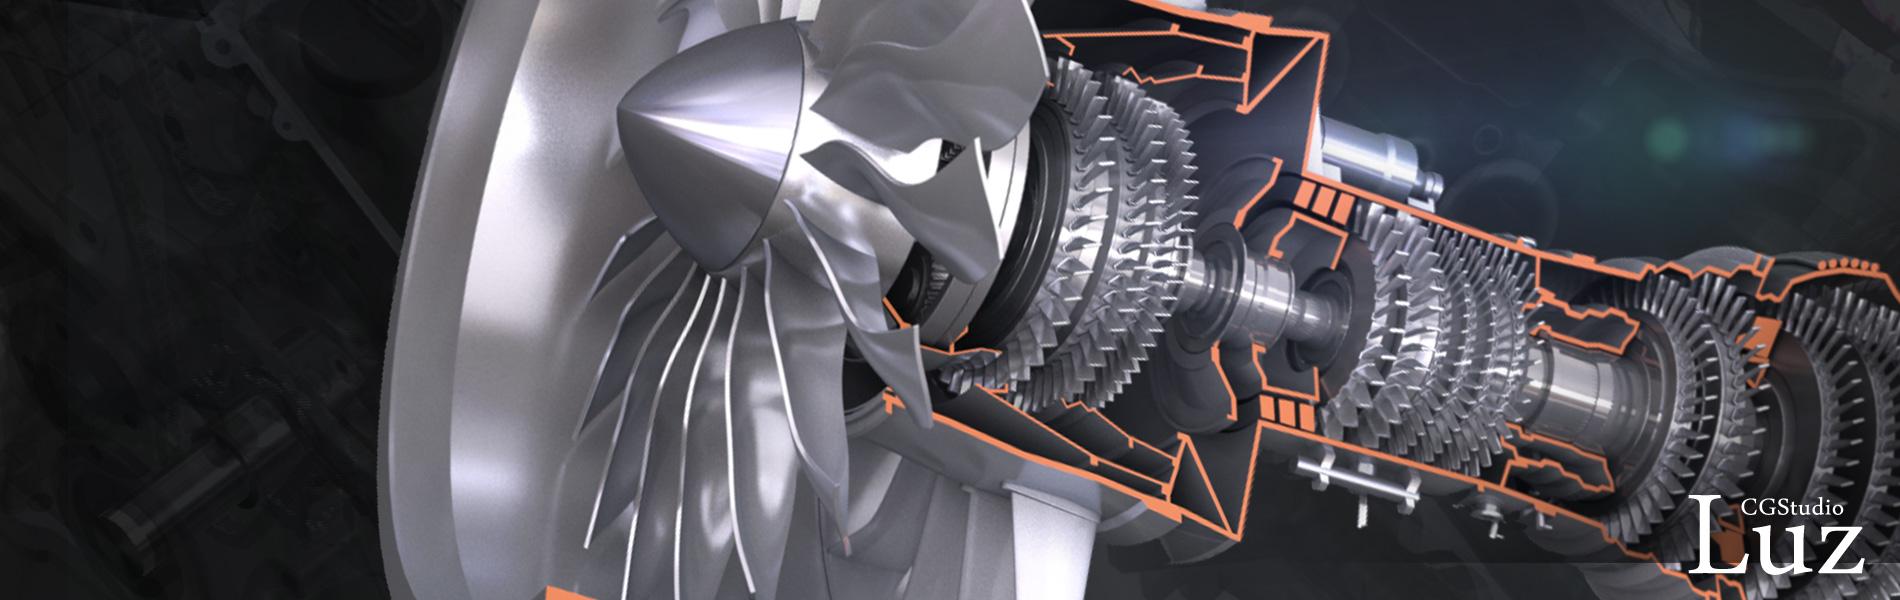 工業・機械製品CG